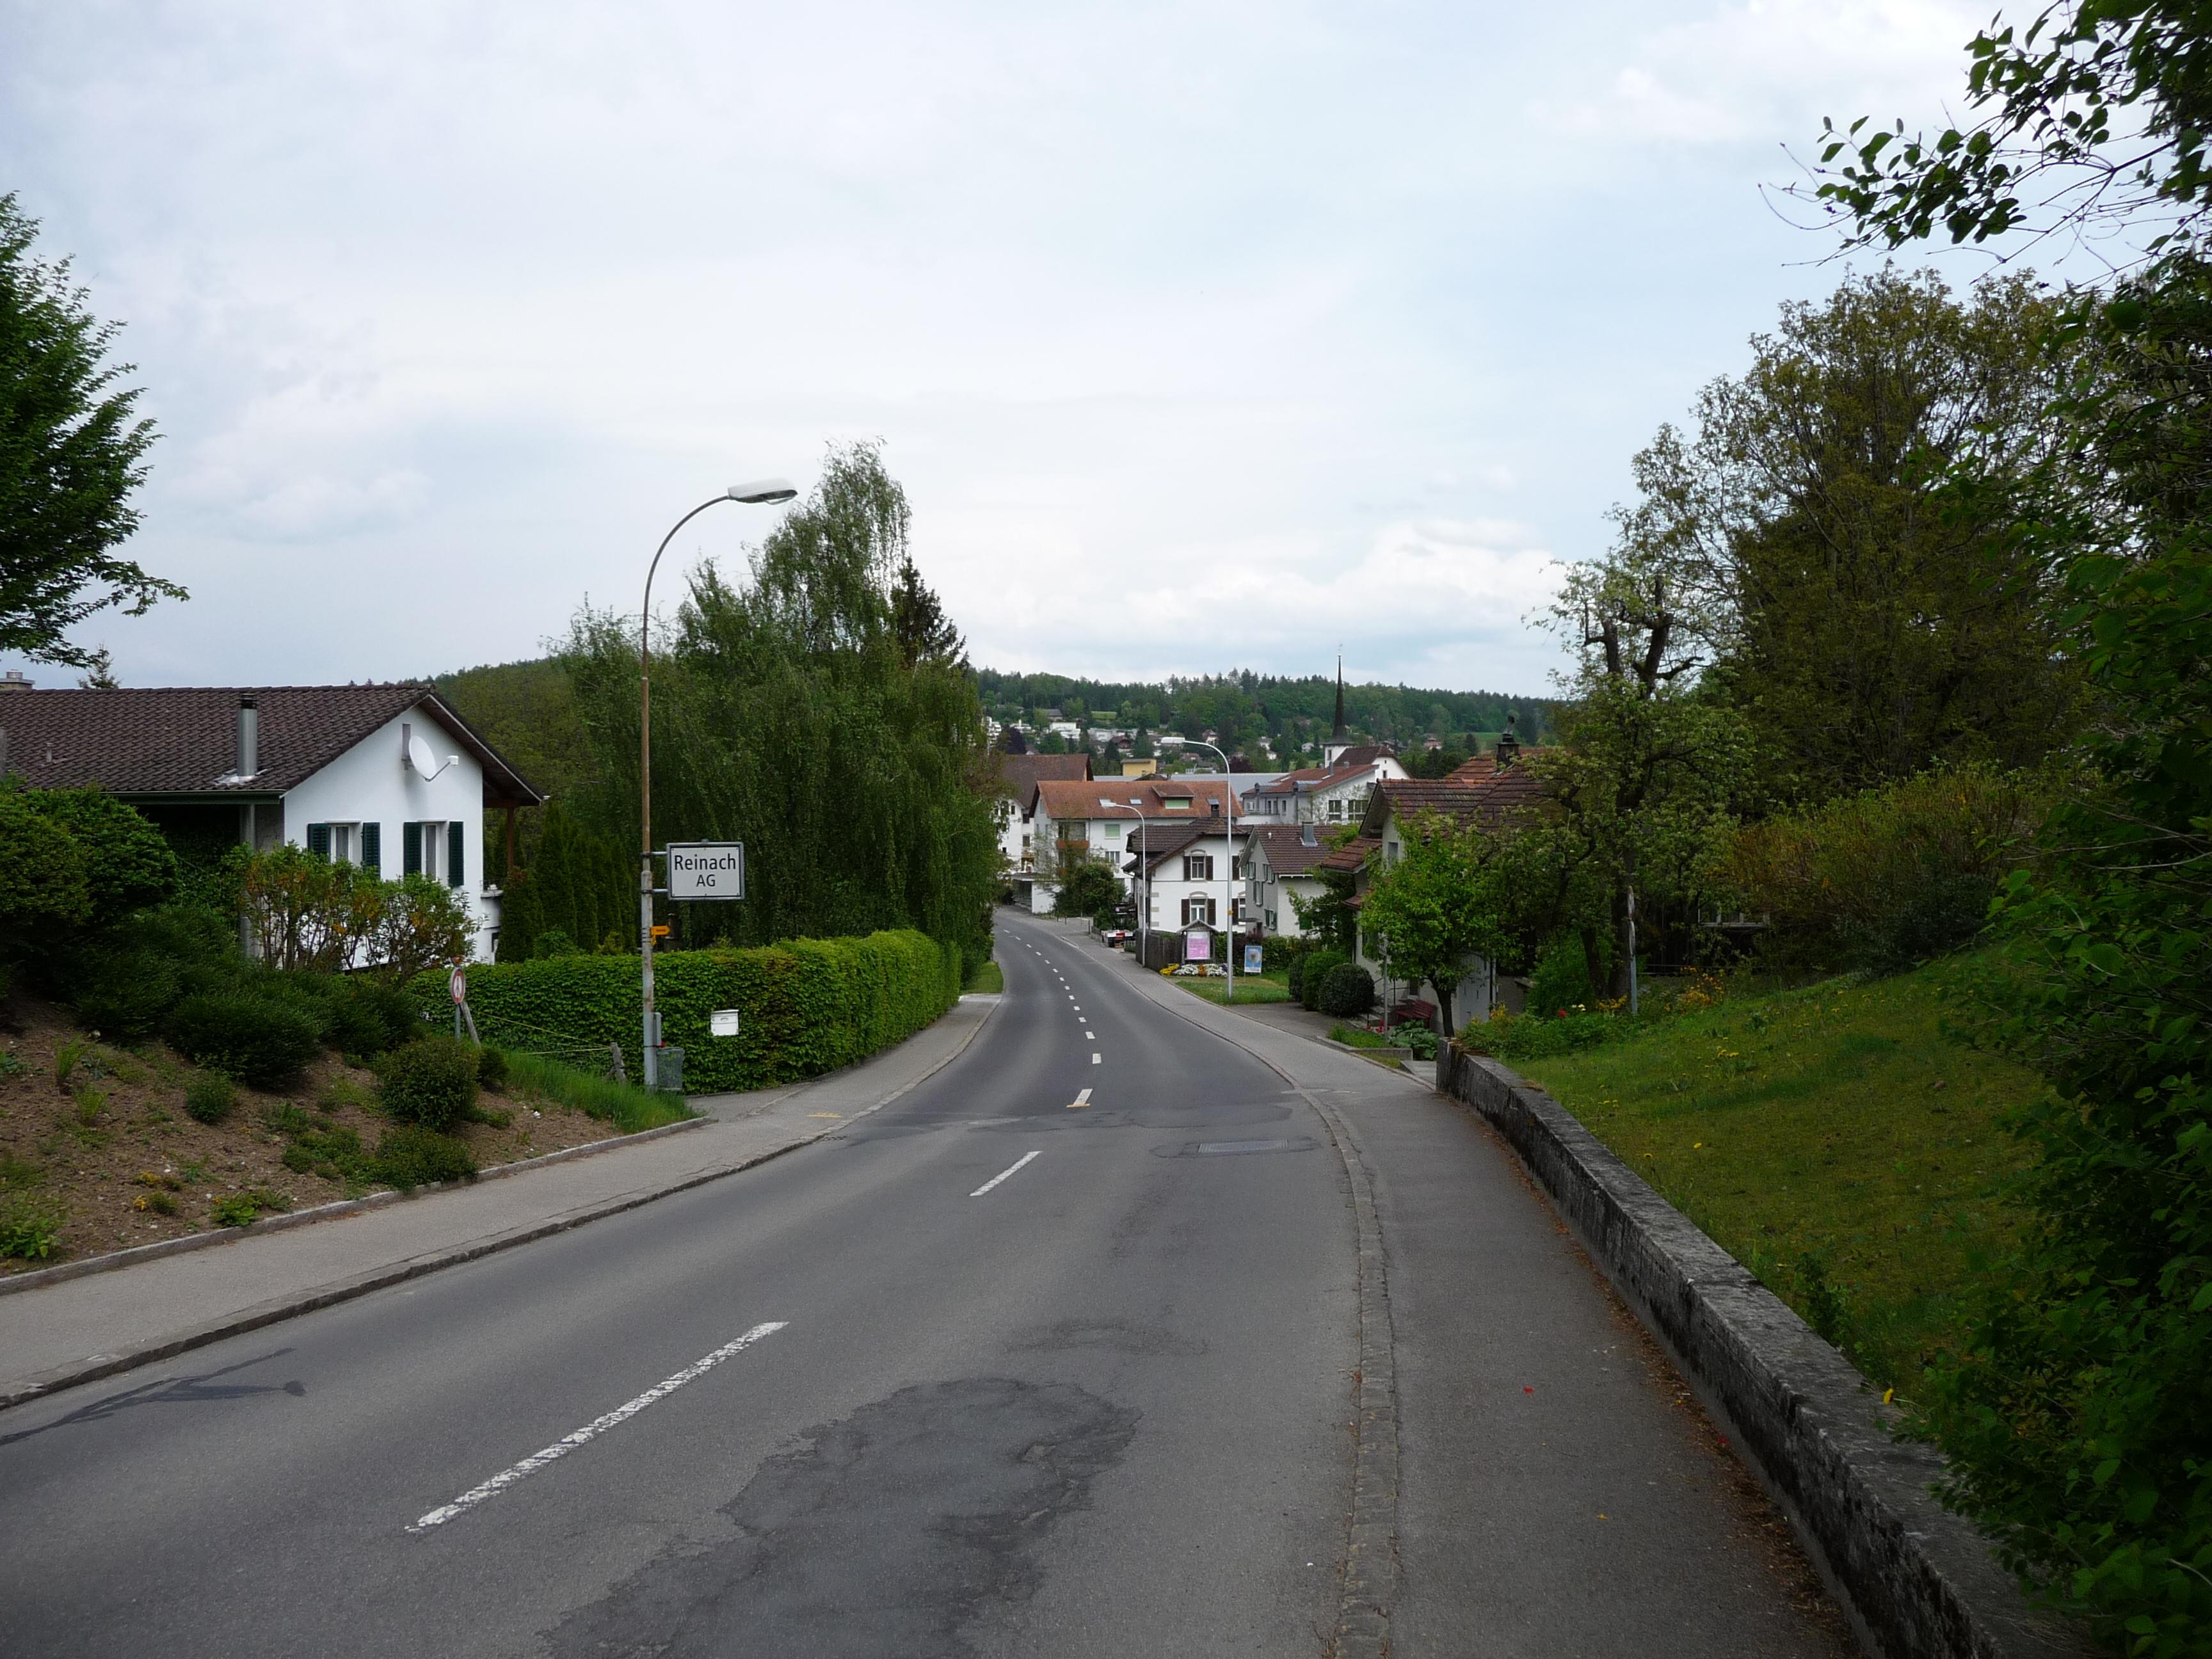 Reinach